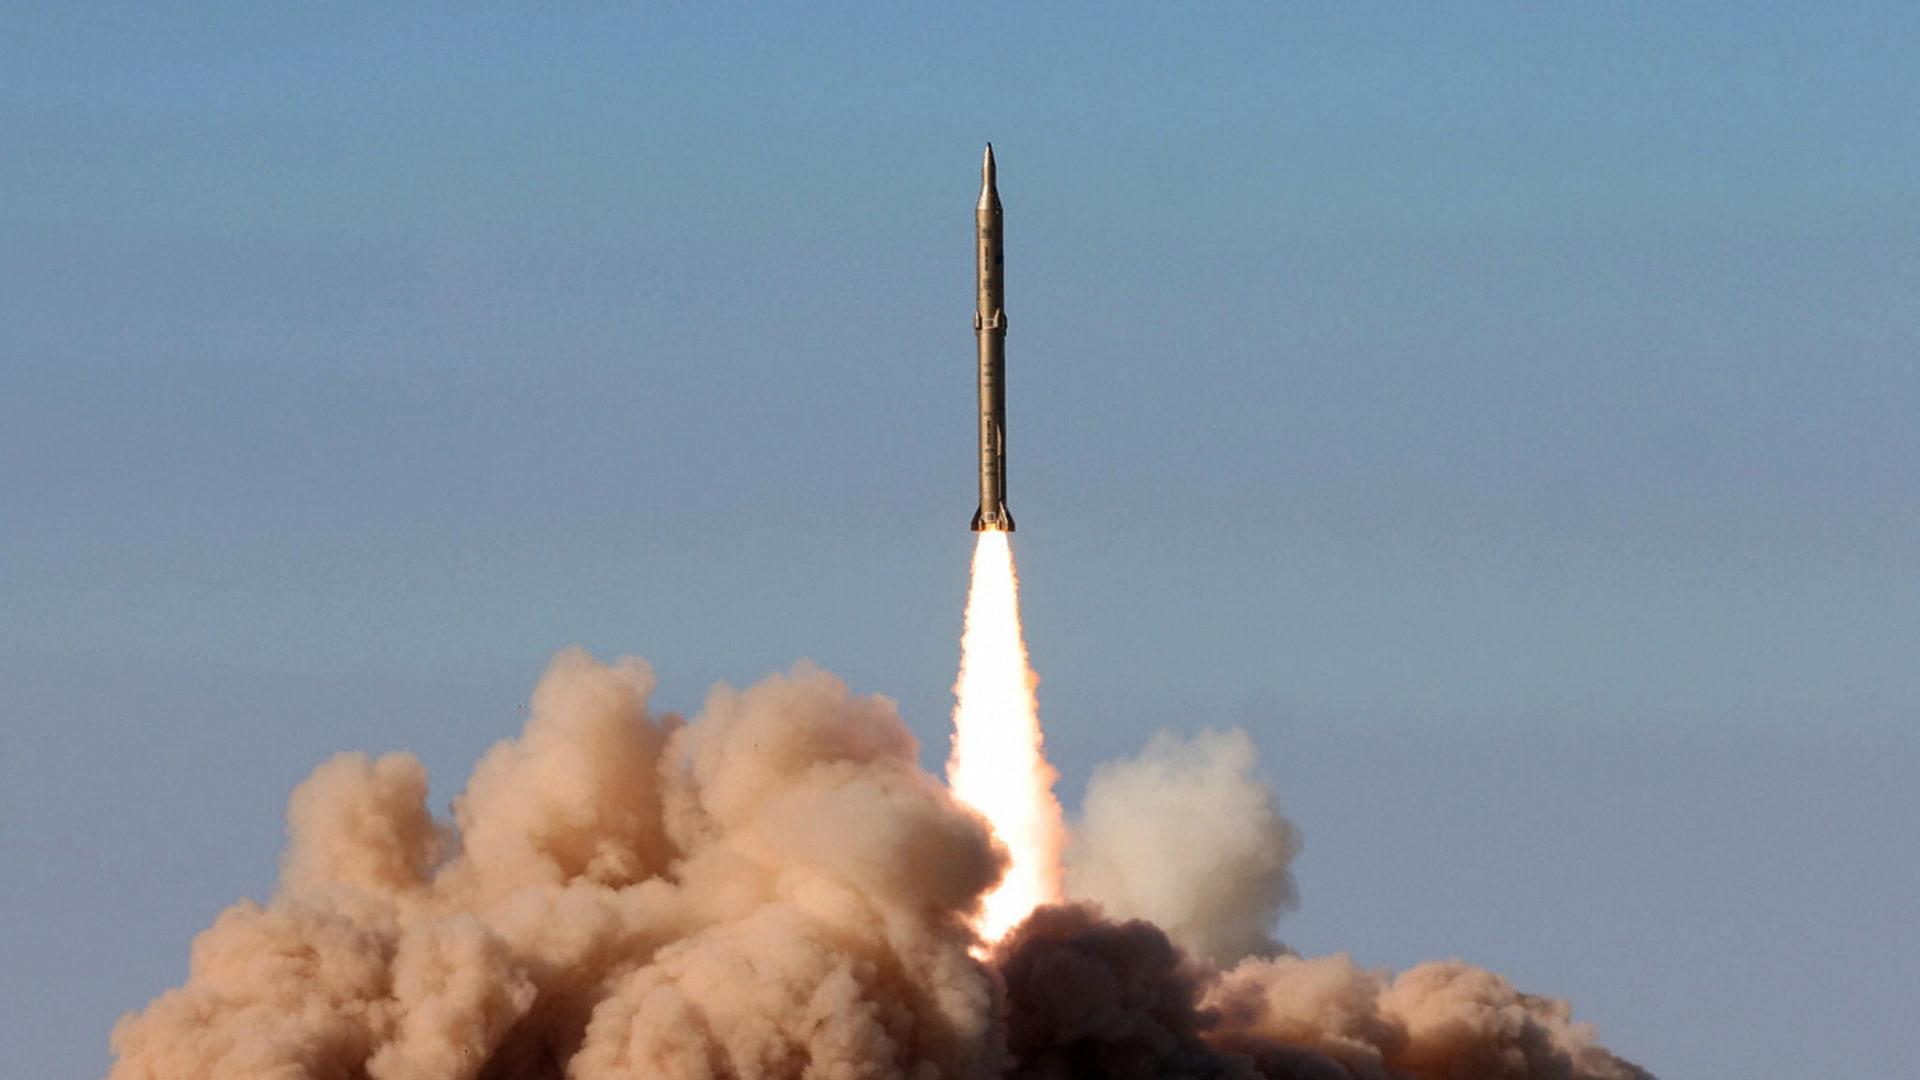 إيران تخصب اليورانيوم بنسبة 20% وتحتجز ناقلة كورية..ومدمرة تتجه للخليج